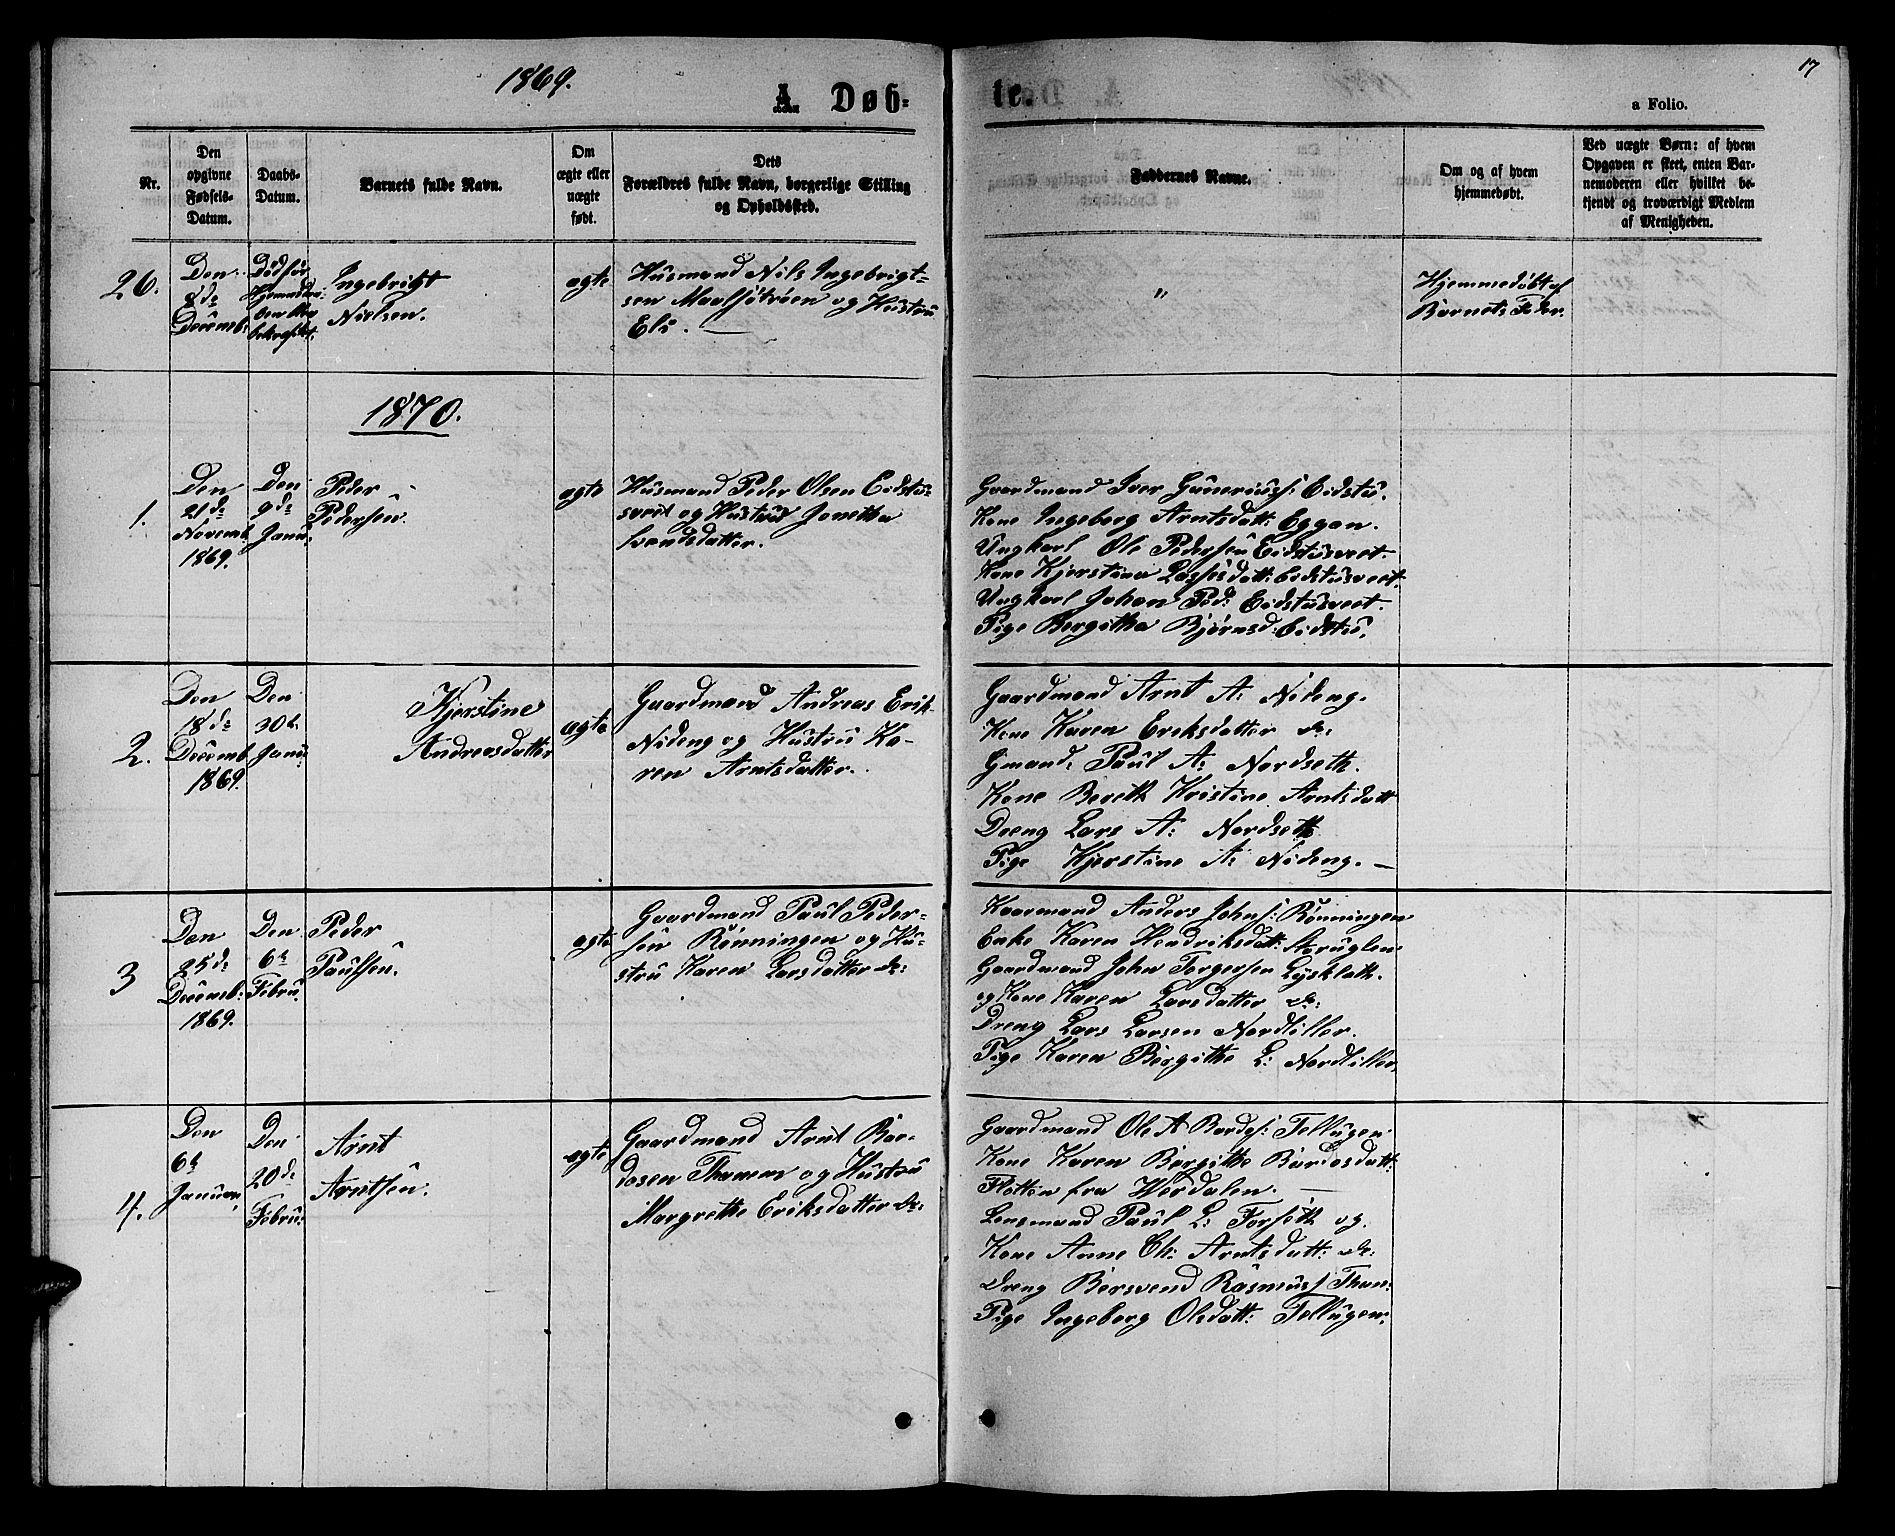 SAT, Ministerialprotokoller, klokkerbøker og fødselsregistre - Sør-Trøndelag, 618/L0451: Klokkerbok nr. 618C02, 1865-1883, s. 17